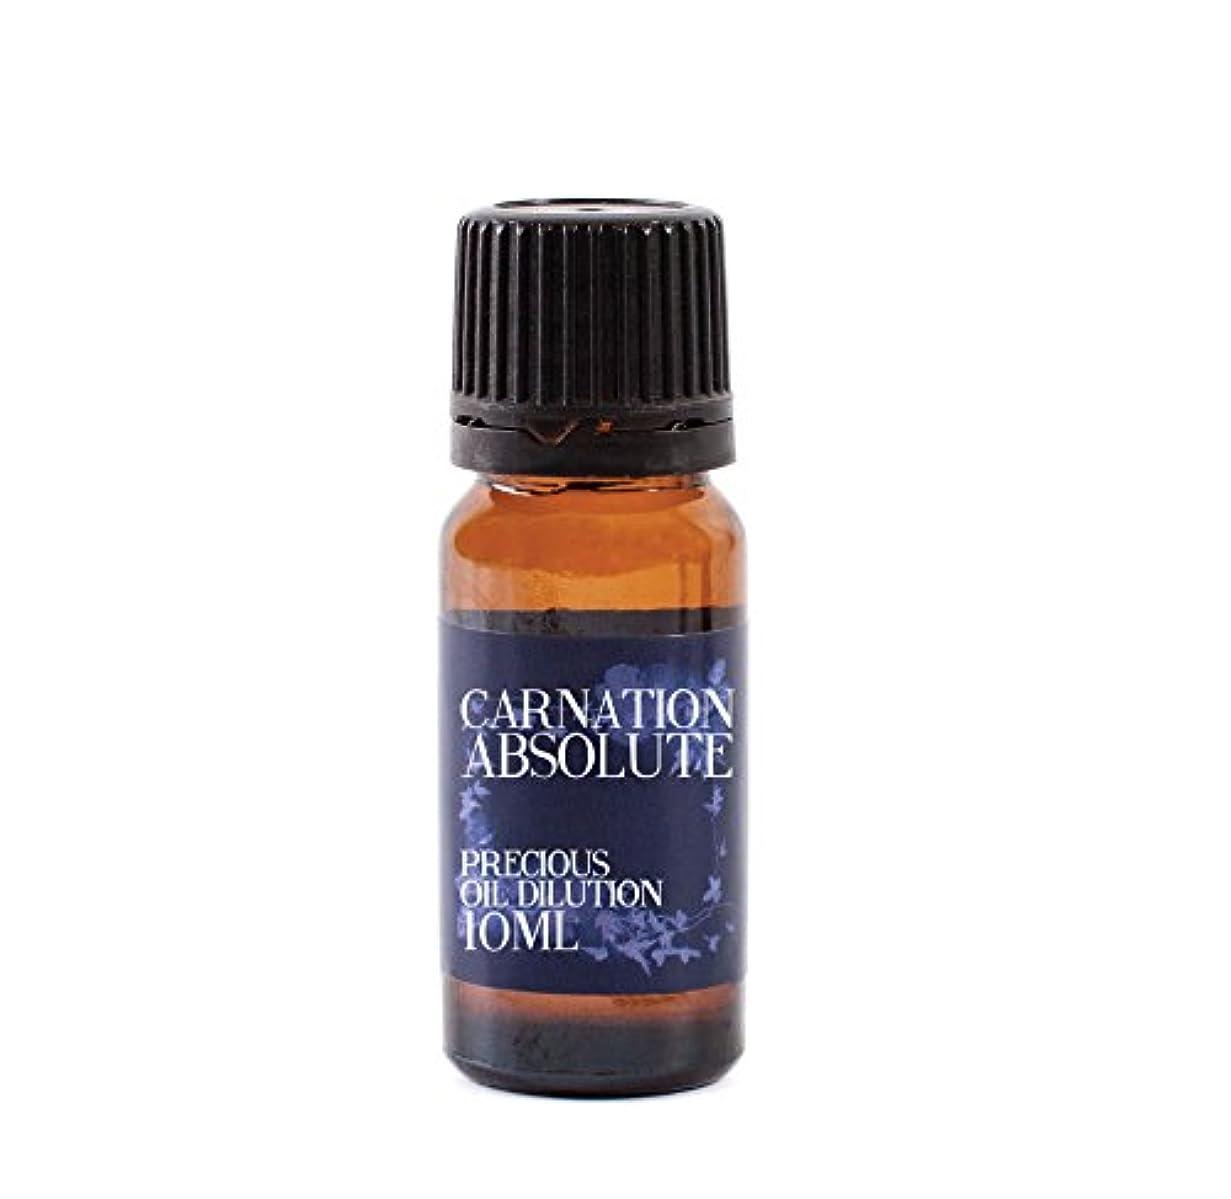 添加剤トリッキー民主党Carnation Absolute Oil Dilution - 10ml - 3% Jojoba Blend